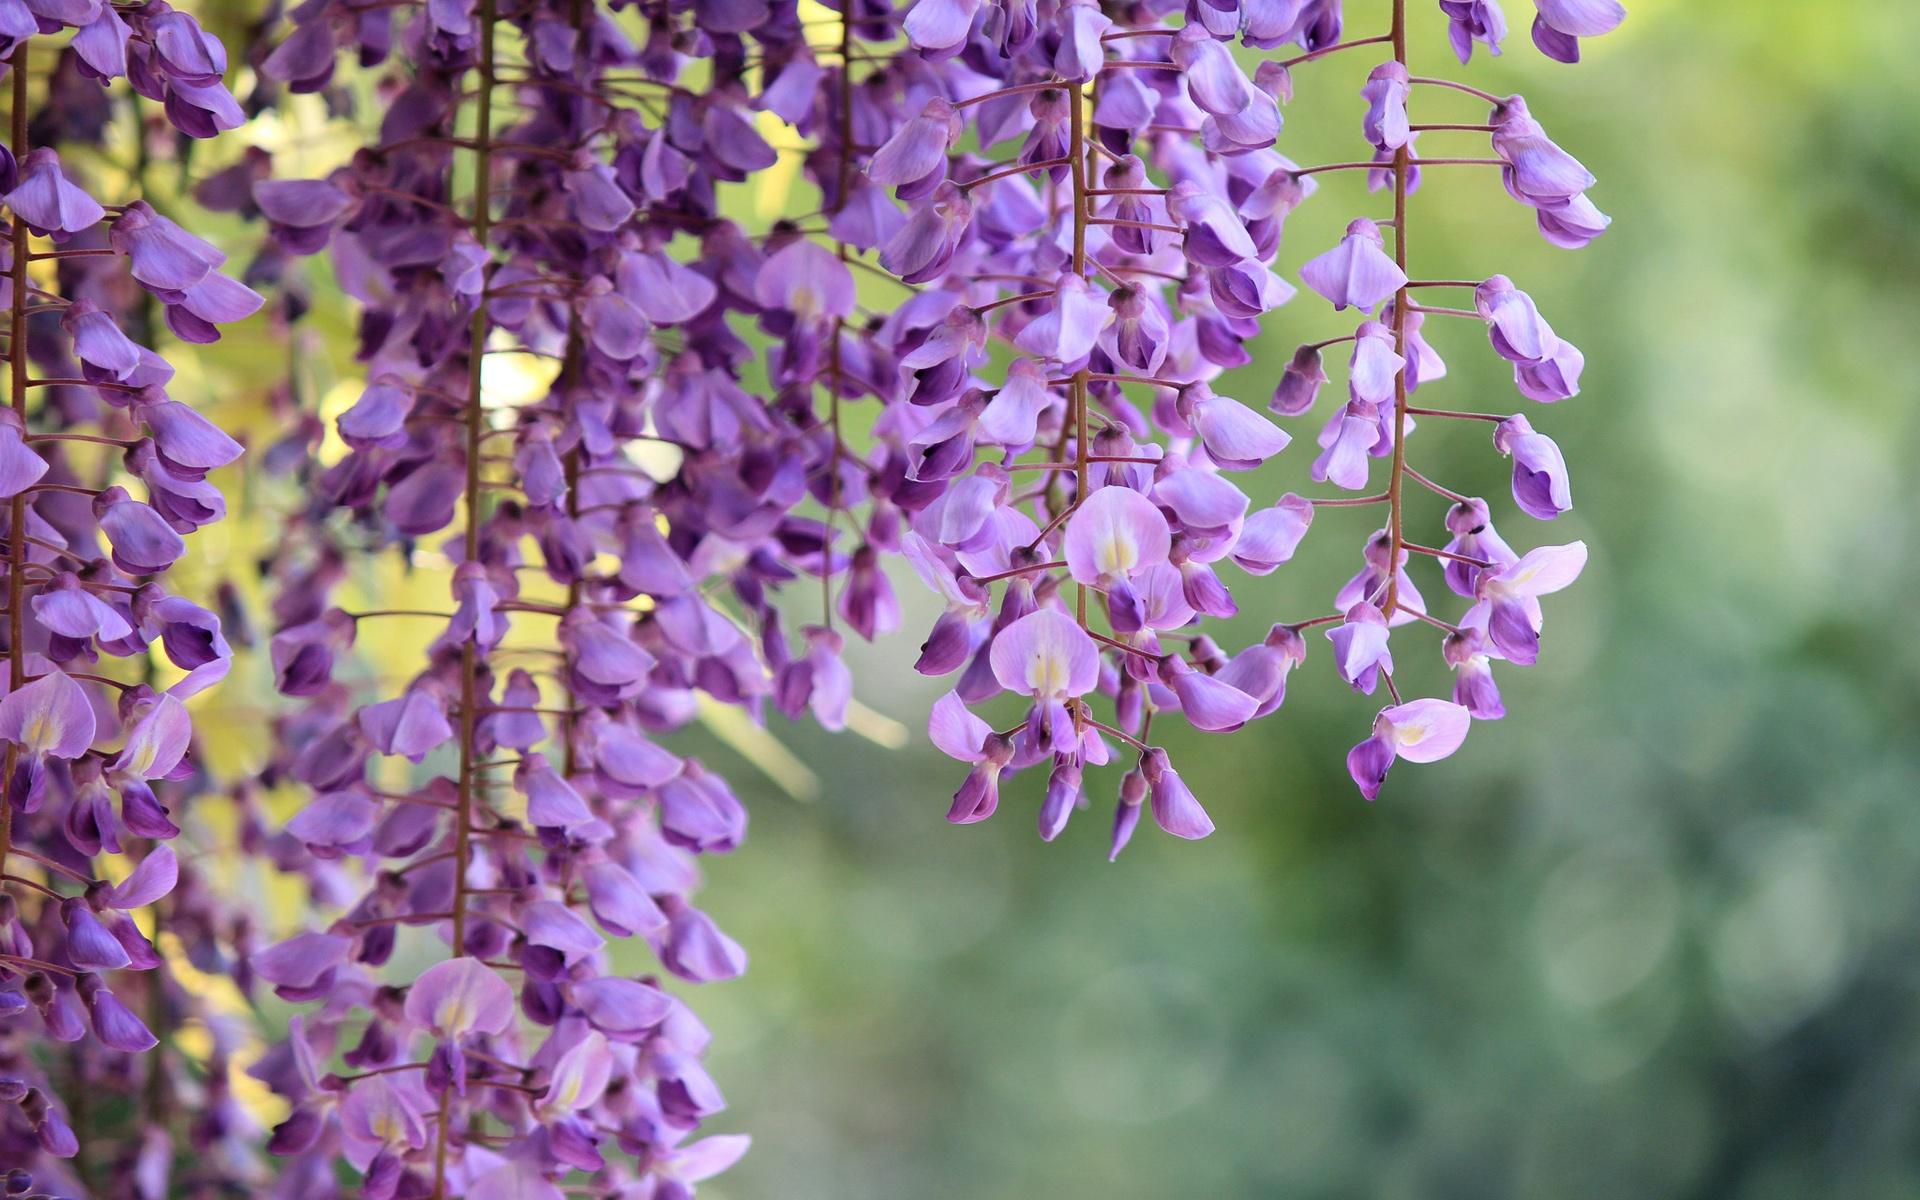 壁紙 藤 枝 紫色の花マクロ撮影 1920x1200 Hd 無料のデスクトップの